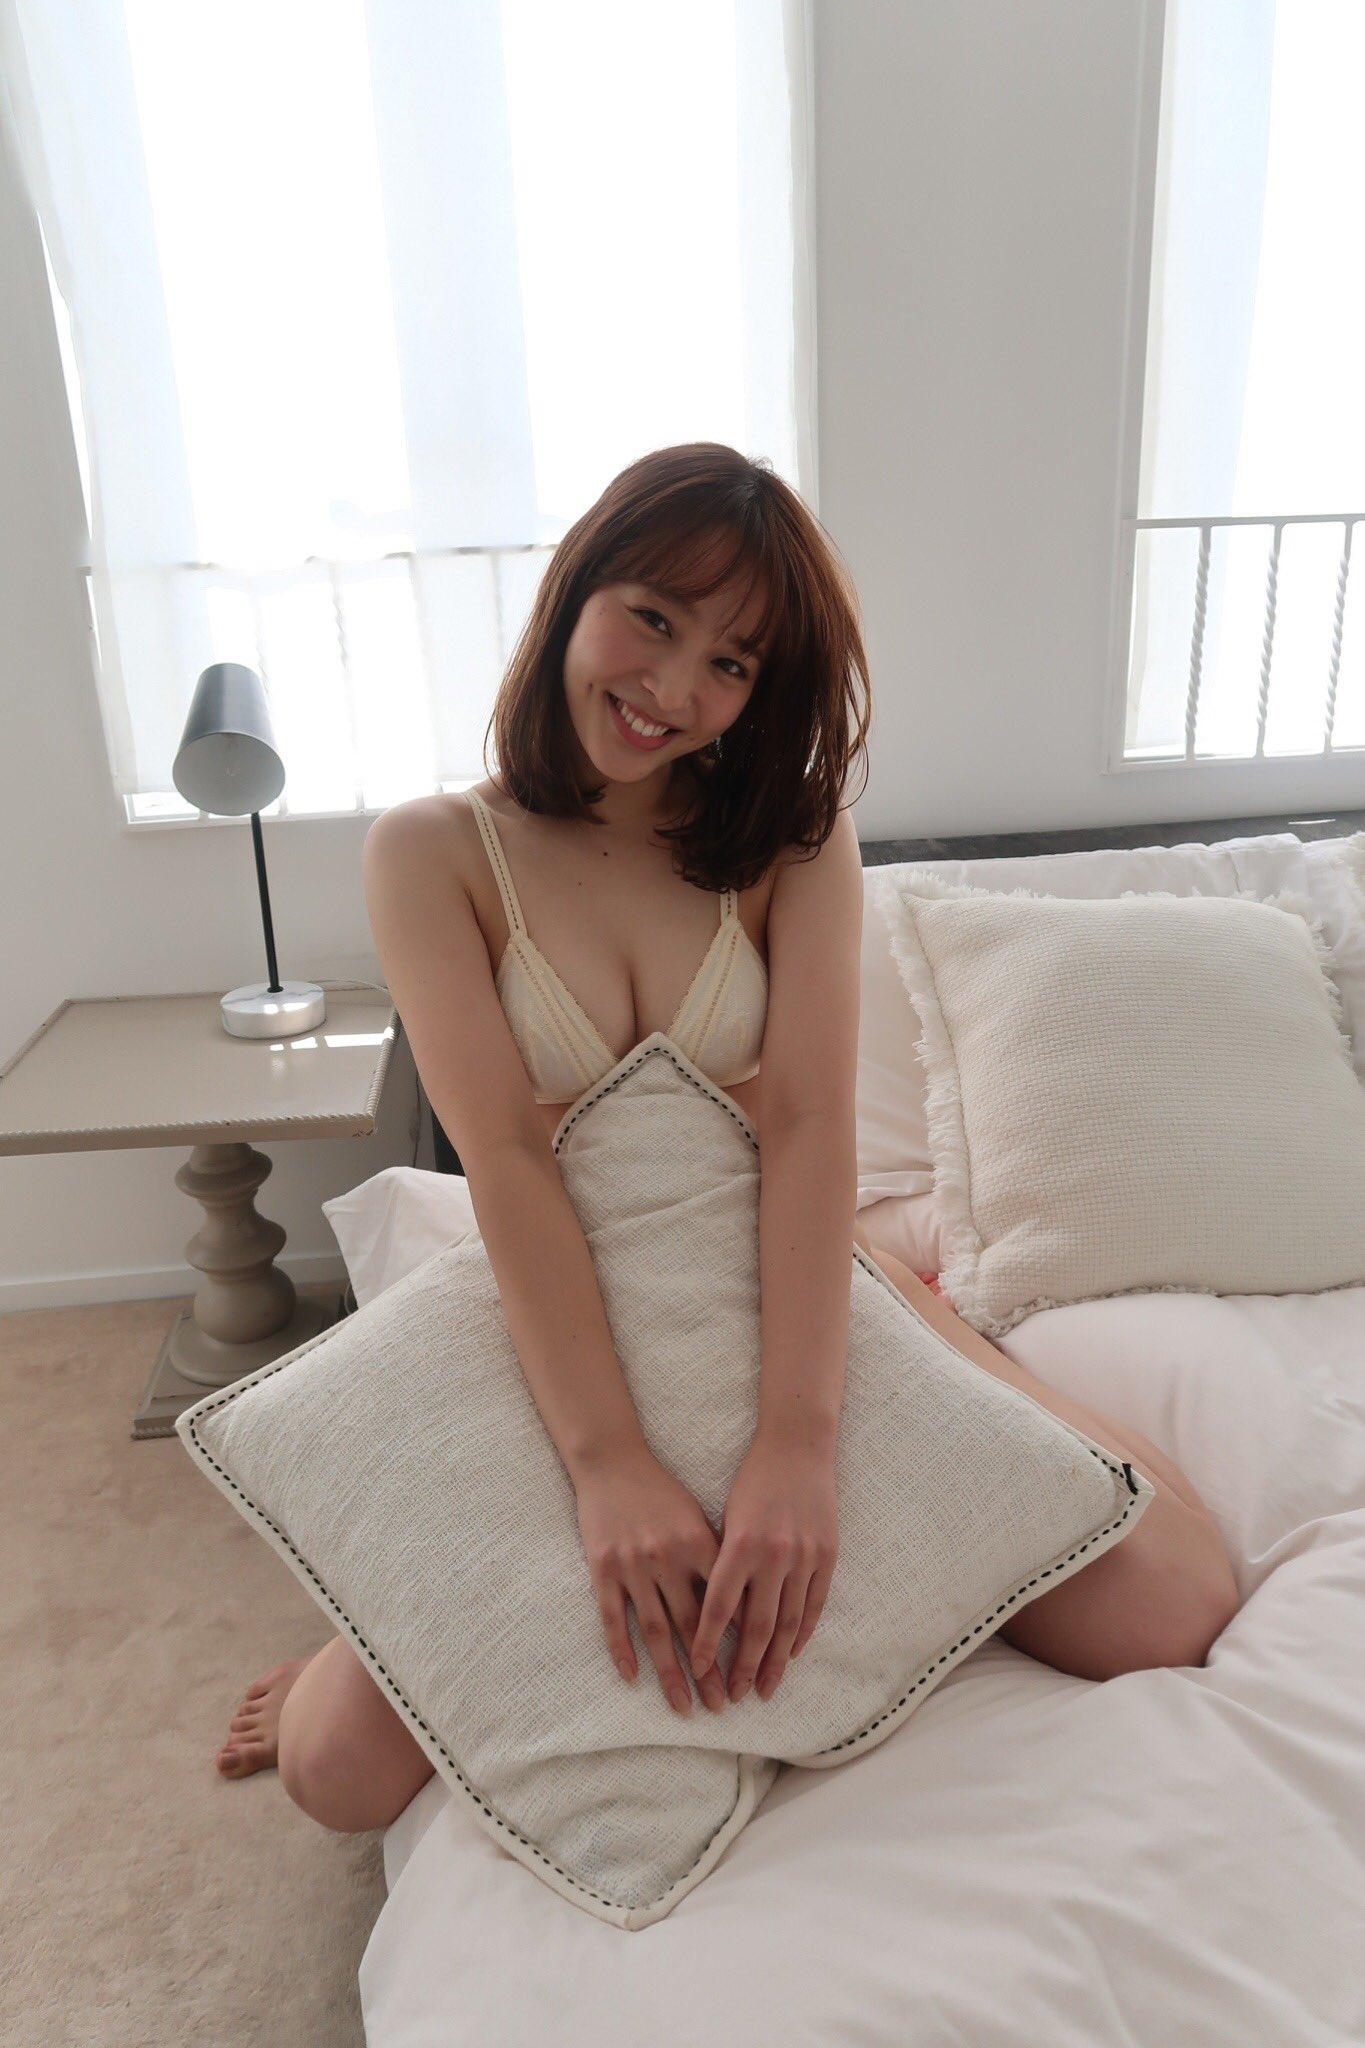 グラビアアイドル写真集|美麗バストのブレイク美女・神部美咲グラビア画像まとめ2 125枚